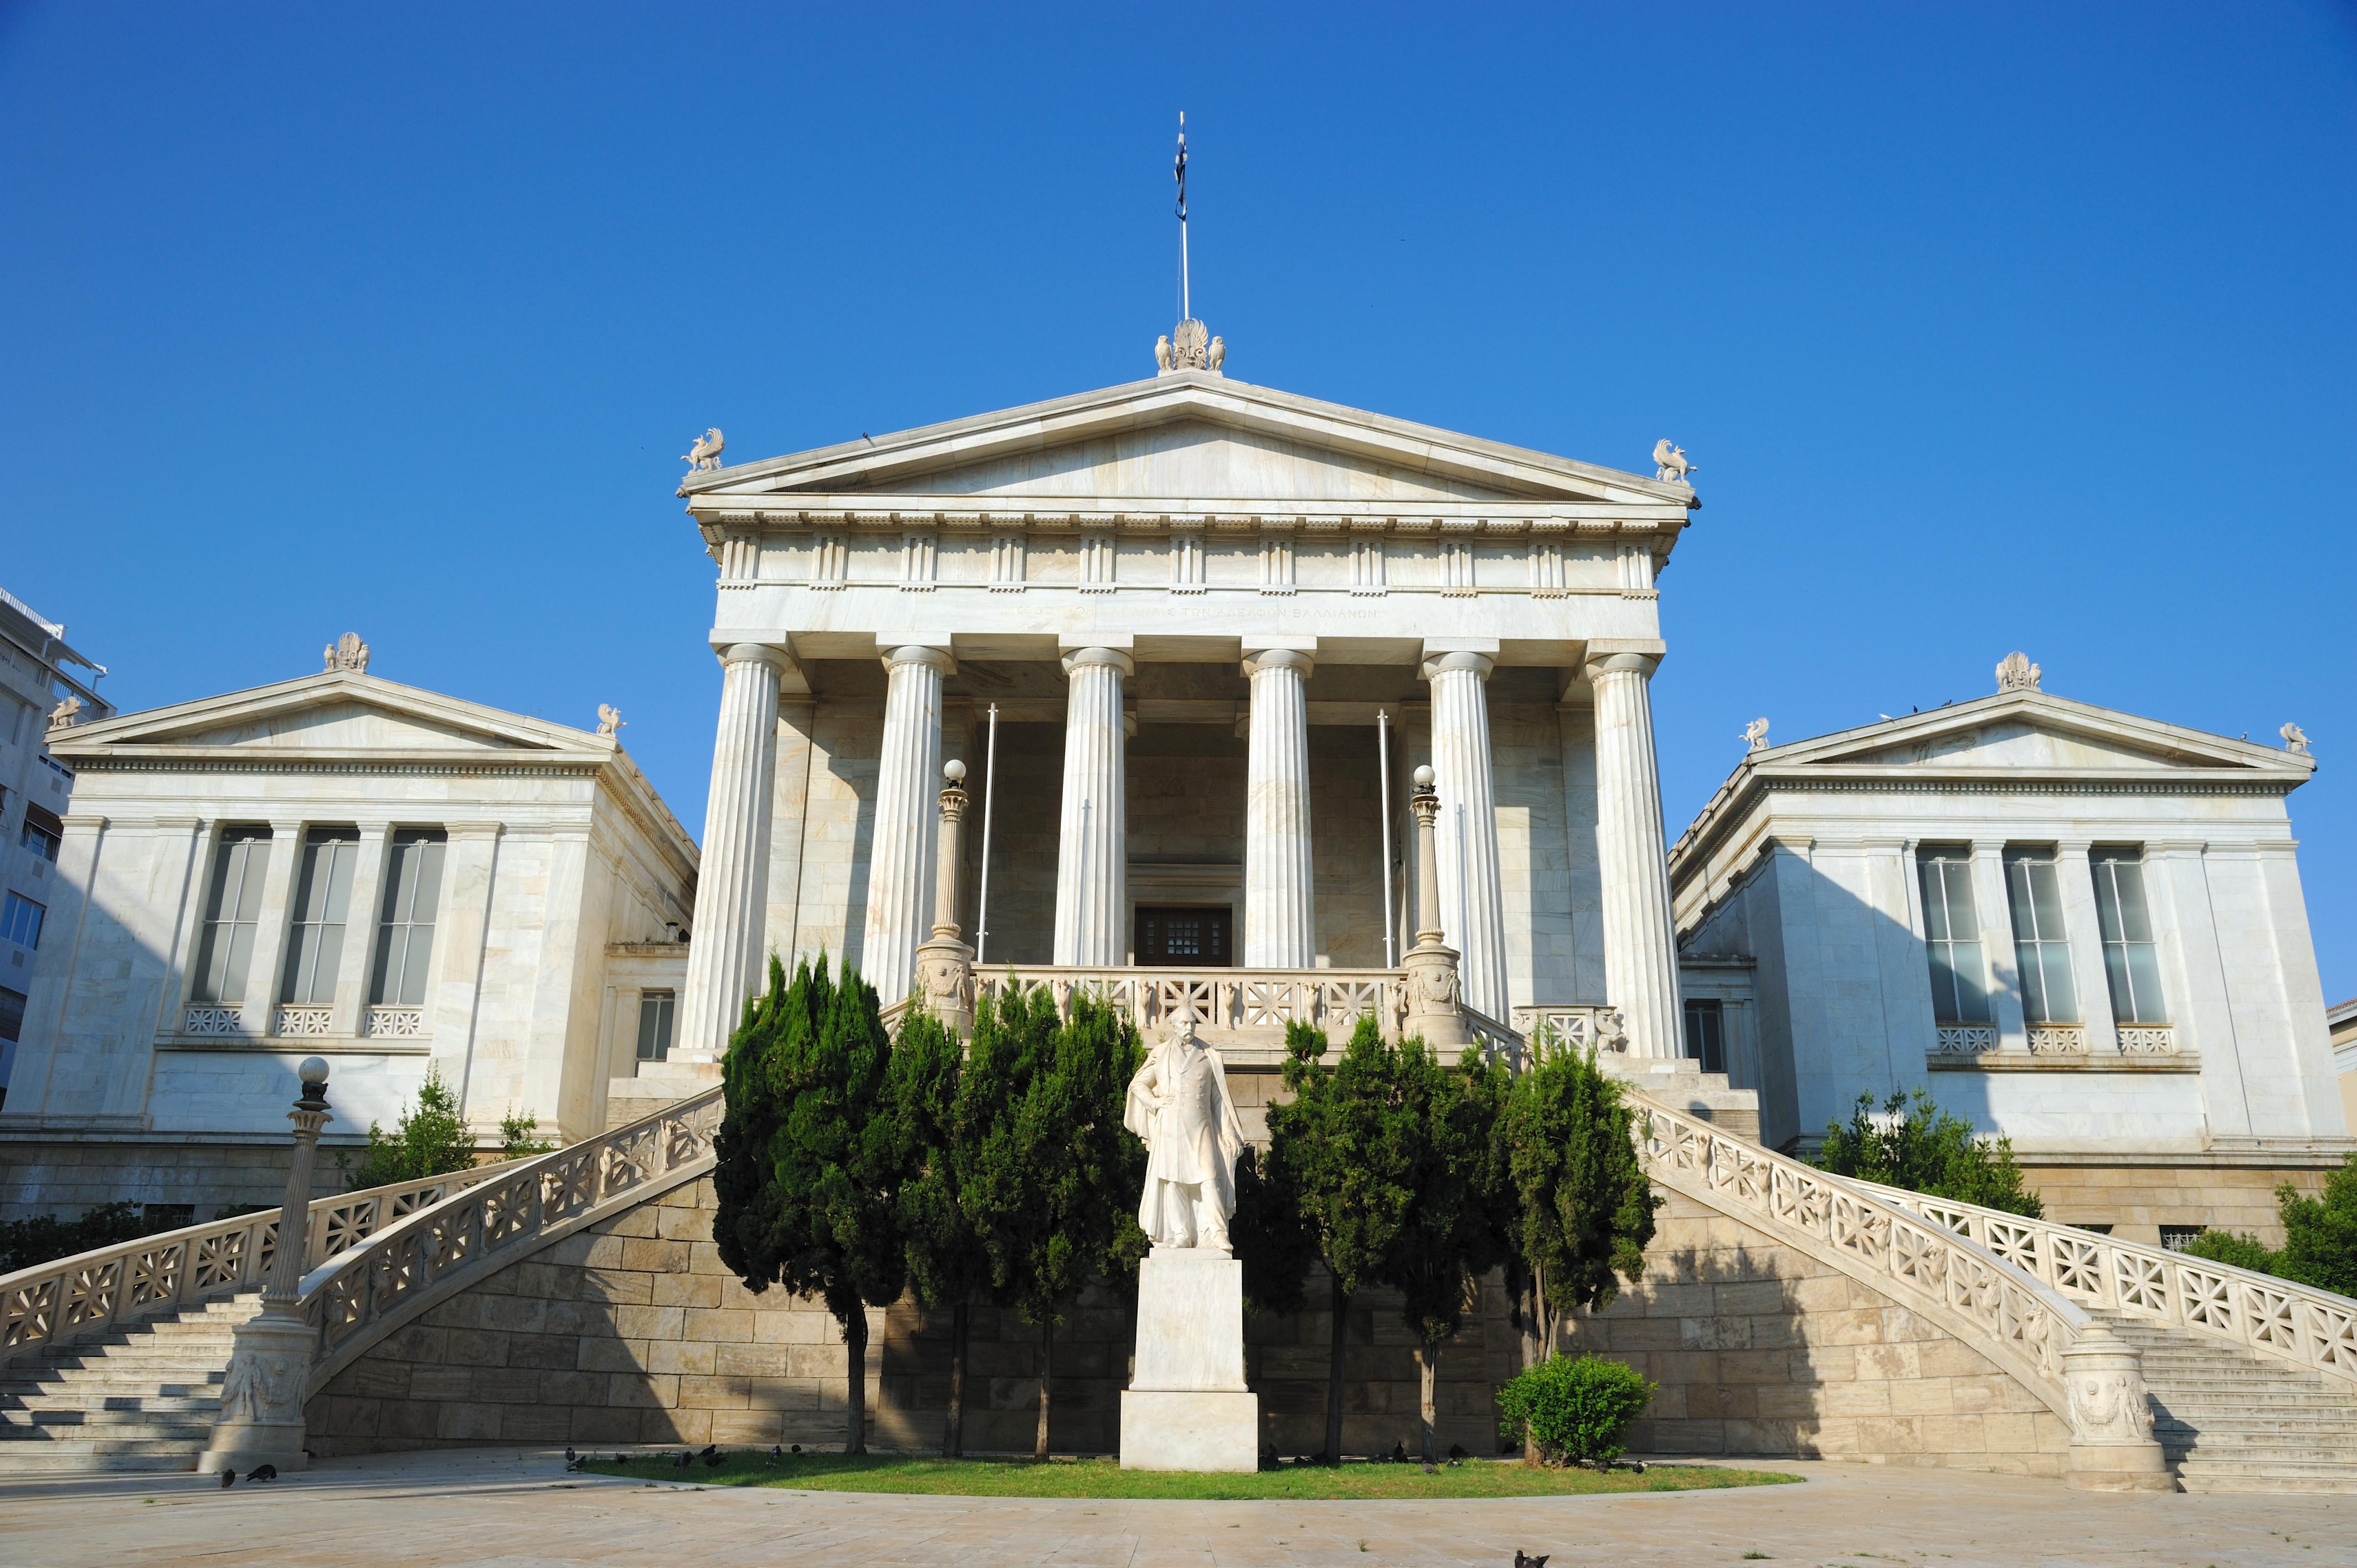 Conoce el clasicismo más nuevo de Atenas - Grecia Circuito Grecia Clásica, Santorini y Mikonos